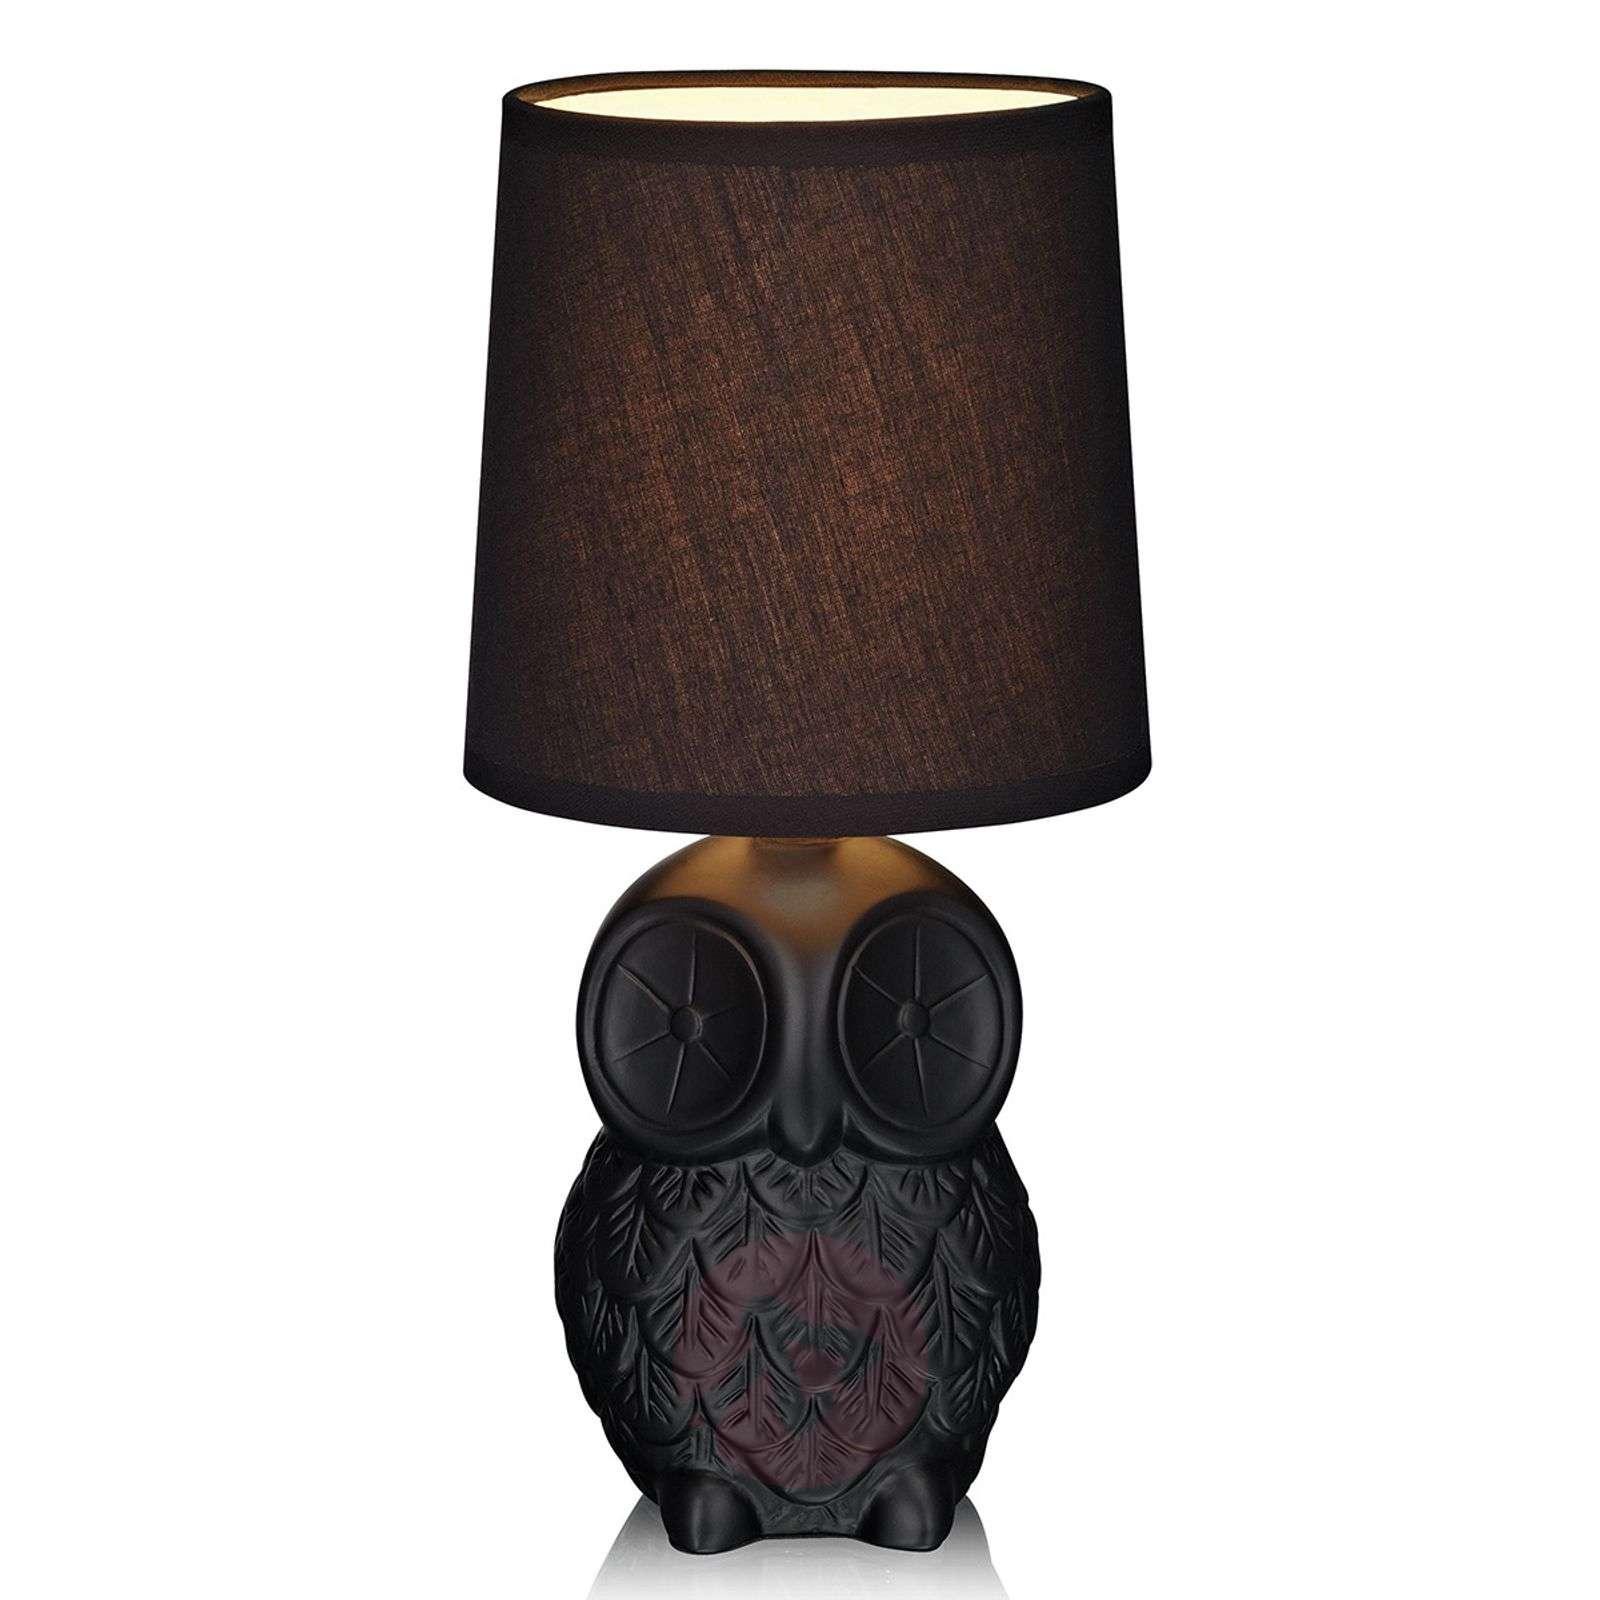 Musta, pöllönmuotoinen pöytävalaisin Helge-6506125-01